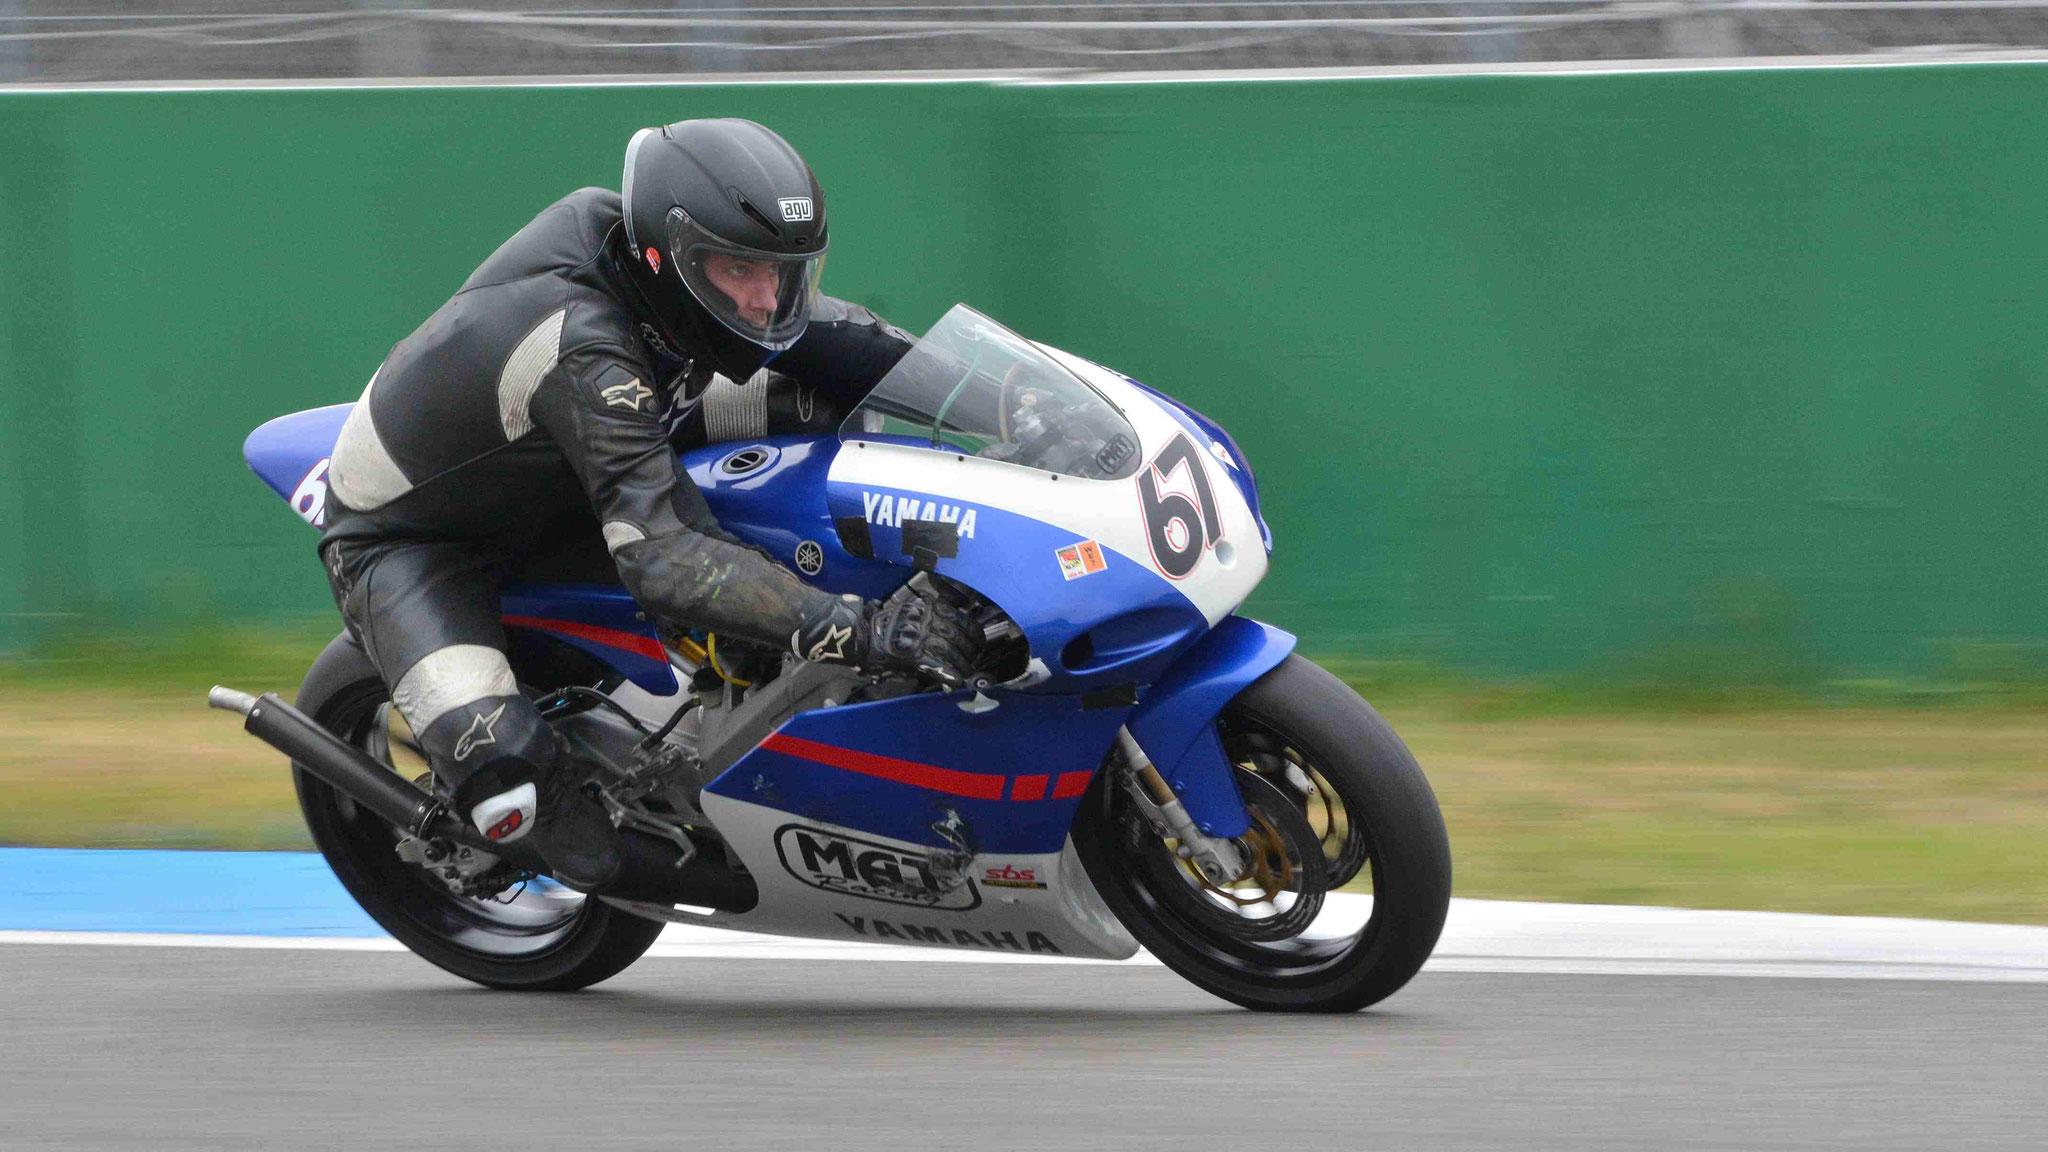 Kenny Matthiesen - YAMAHA TZ250 - 2001